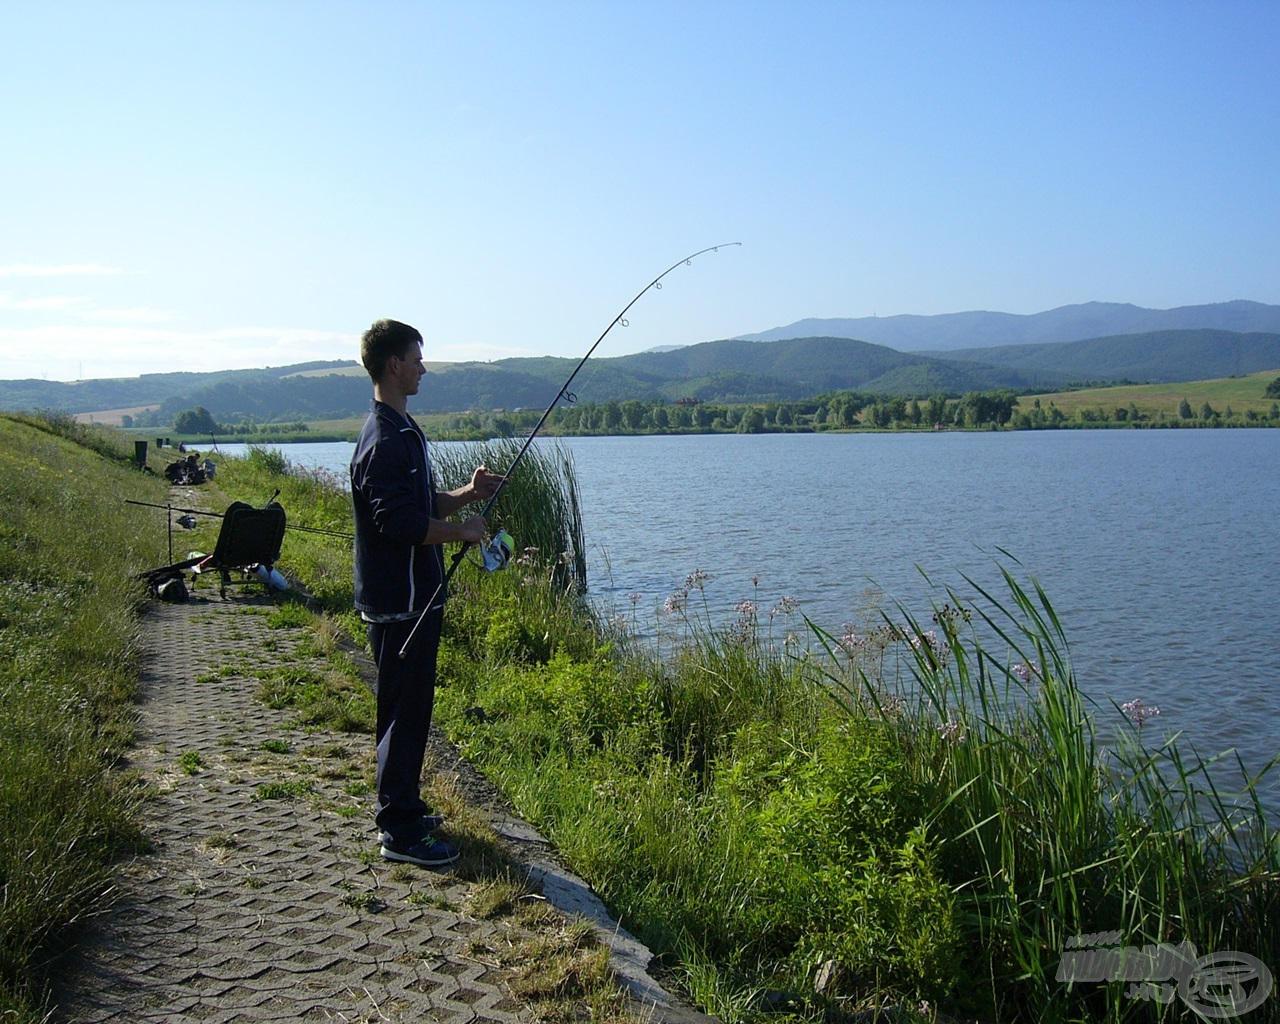 Ha van helyünk, jobb a halat elvezetni horgászhelyünkről